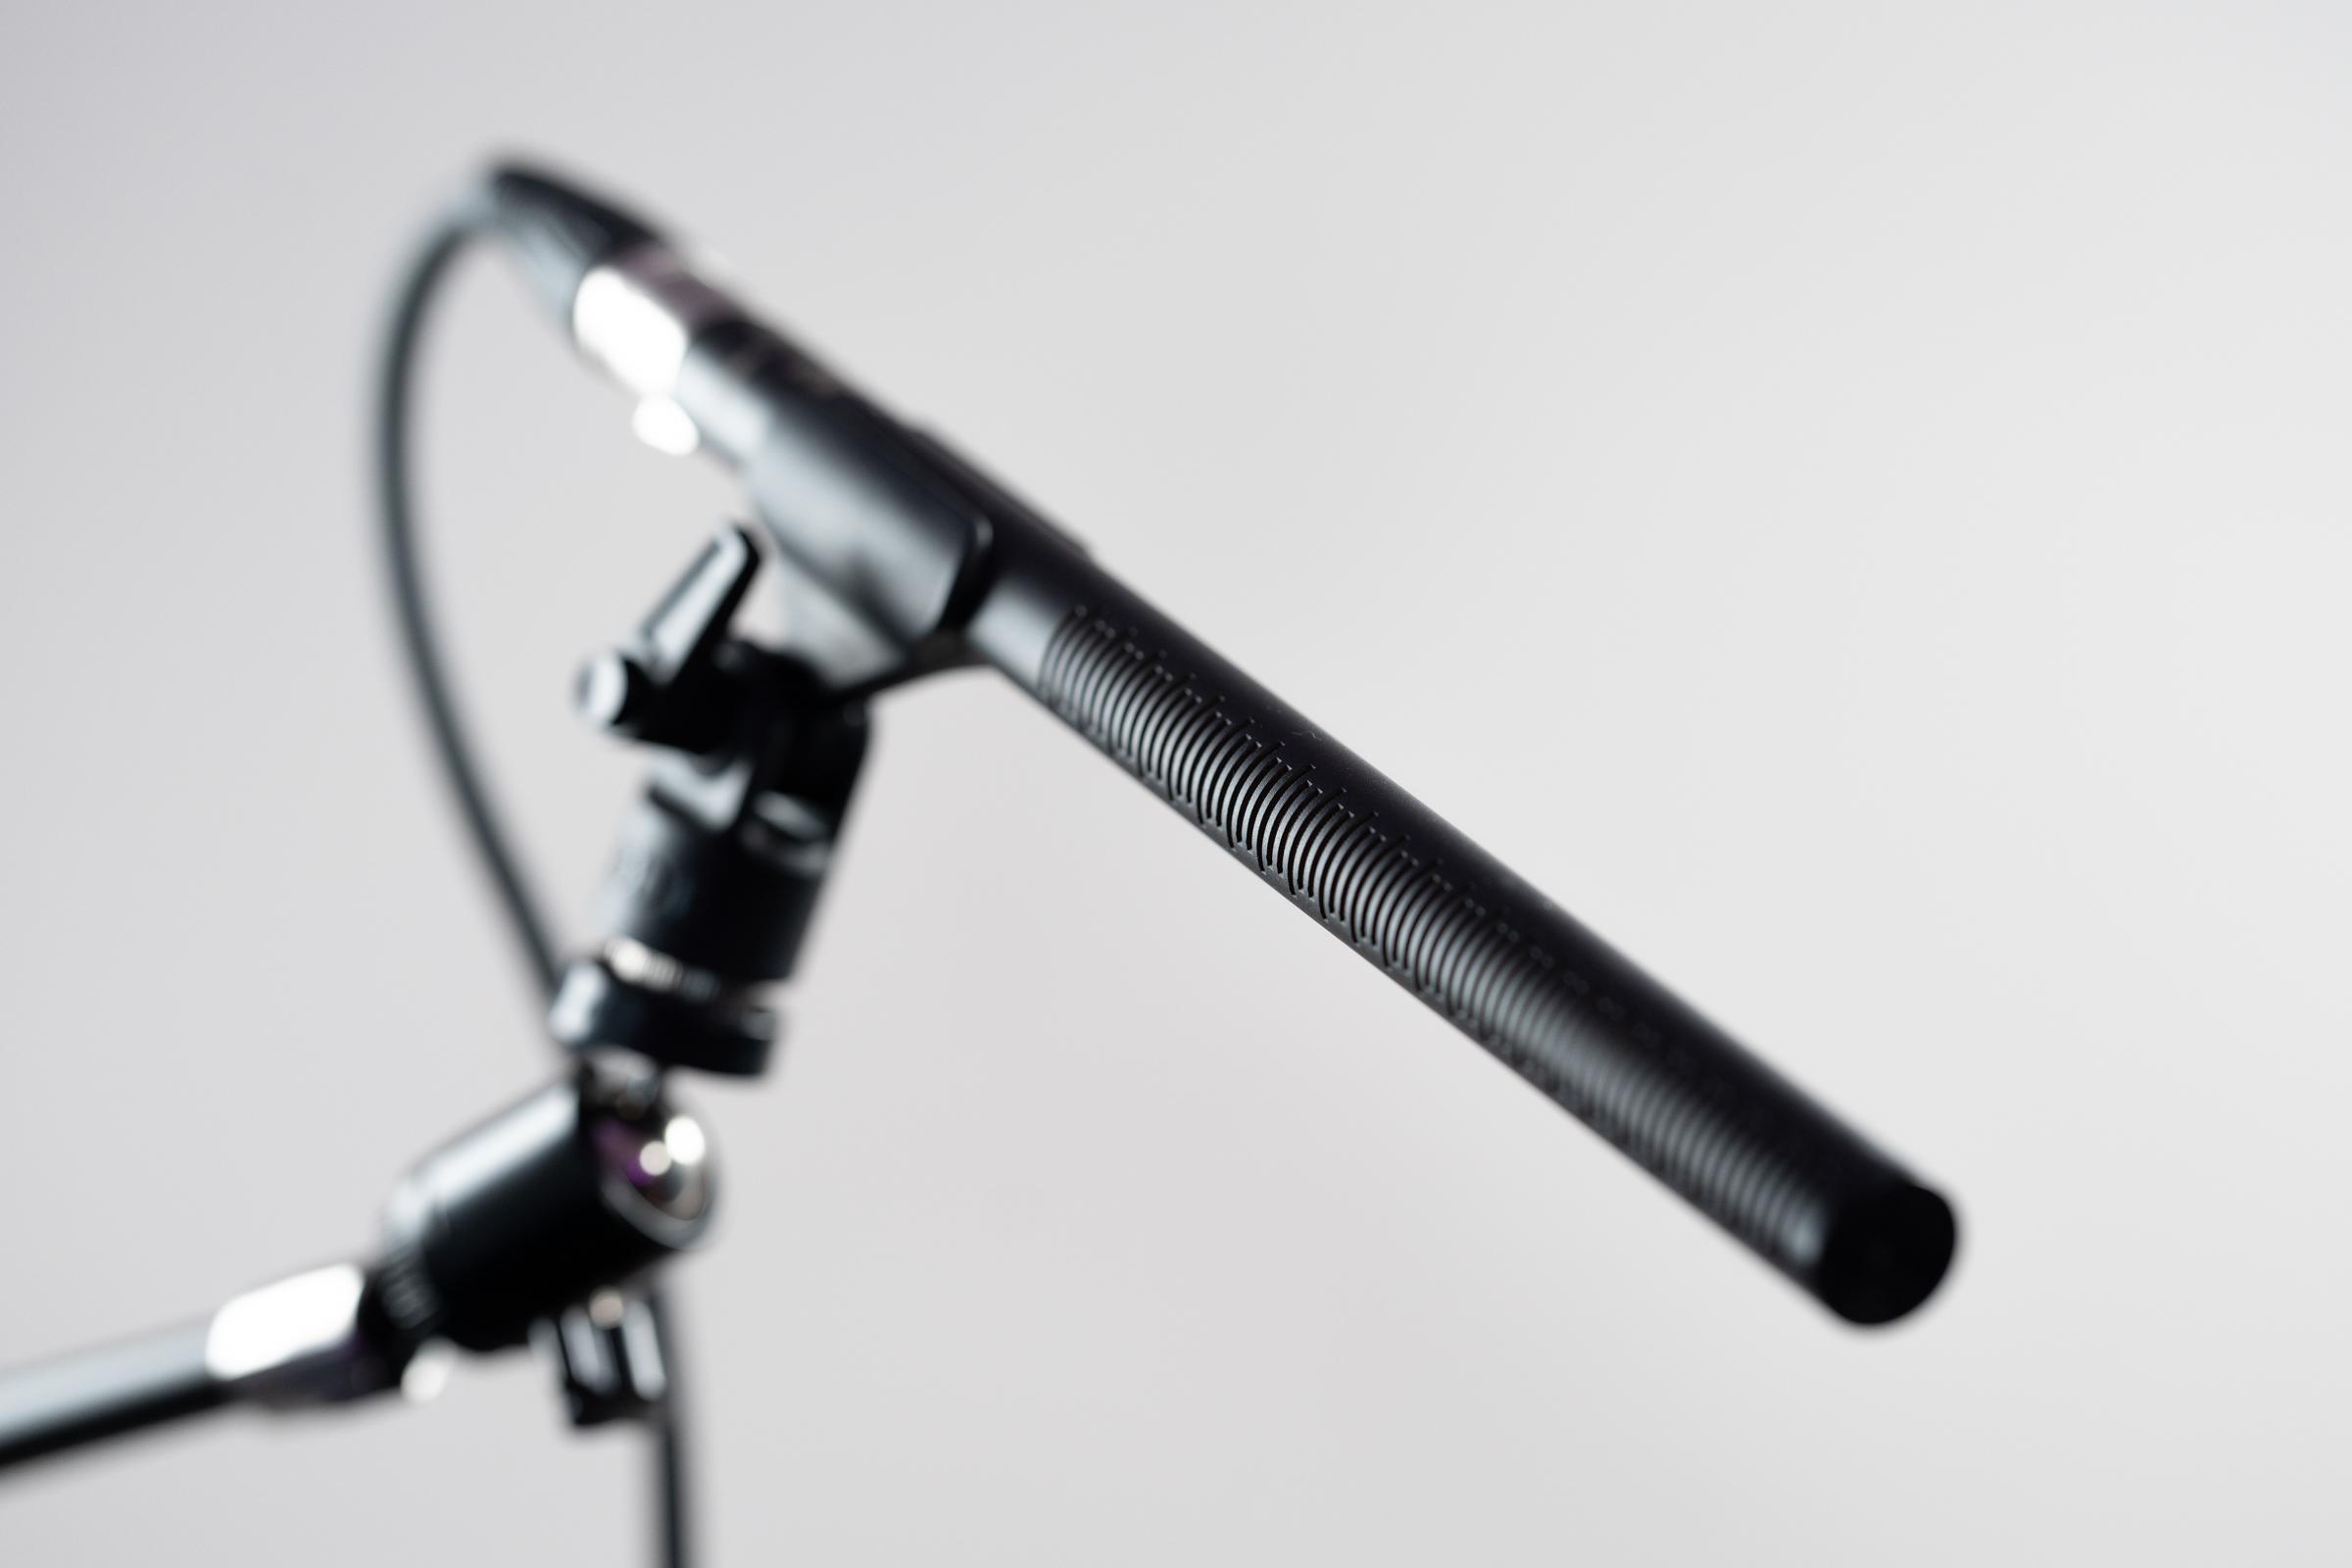 Как максимально эффективно использовать настройку видеоконференции на дому: выпуск для микрофона 2021 микрофон